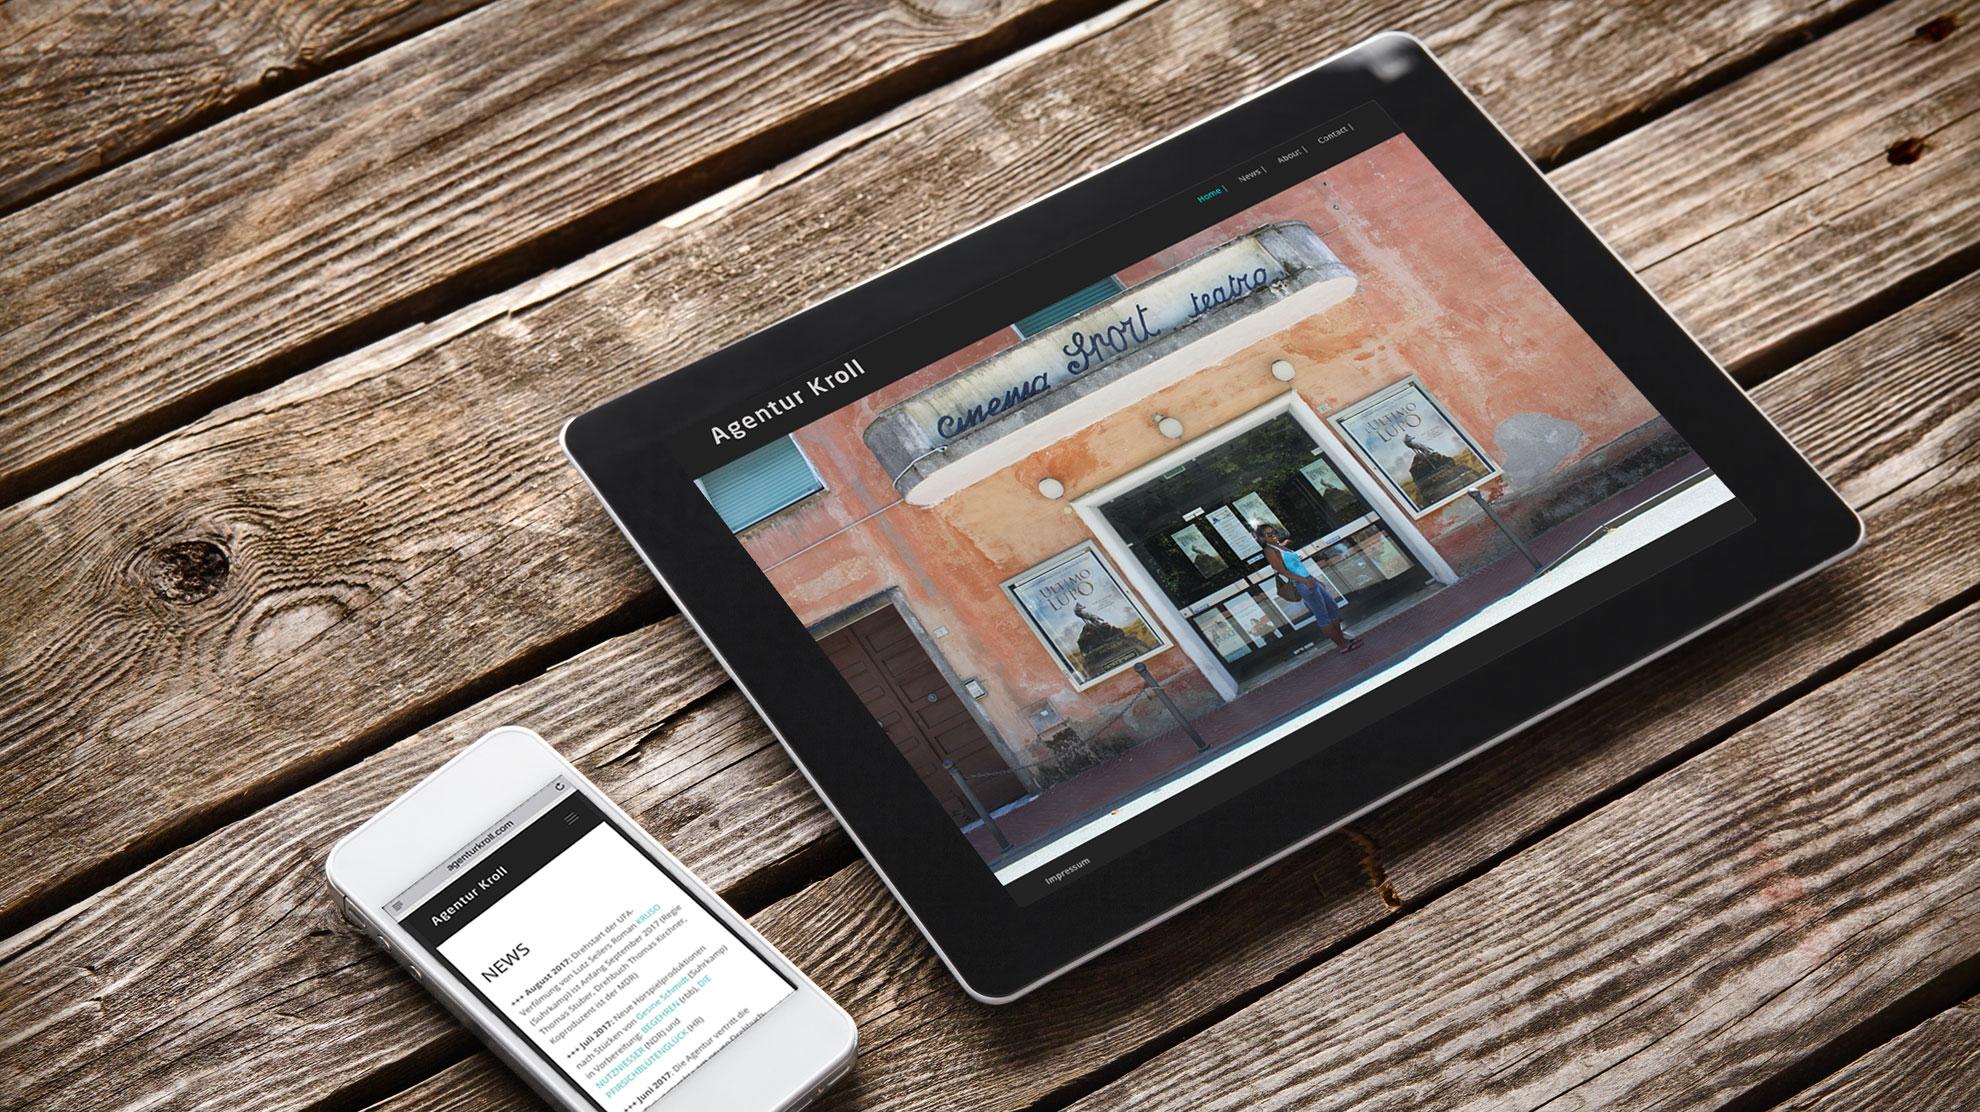 punktneun-Agentur-Kroll-Website-Tablet